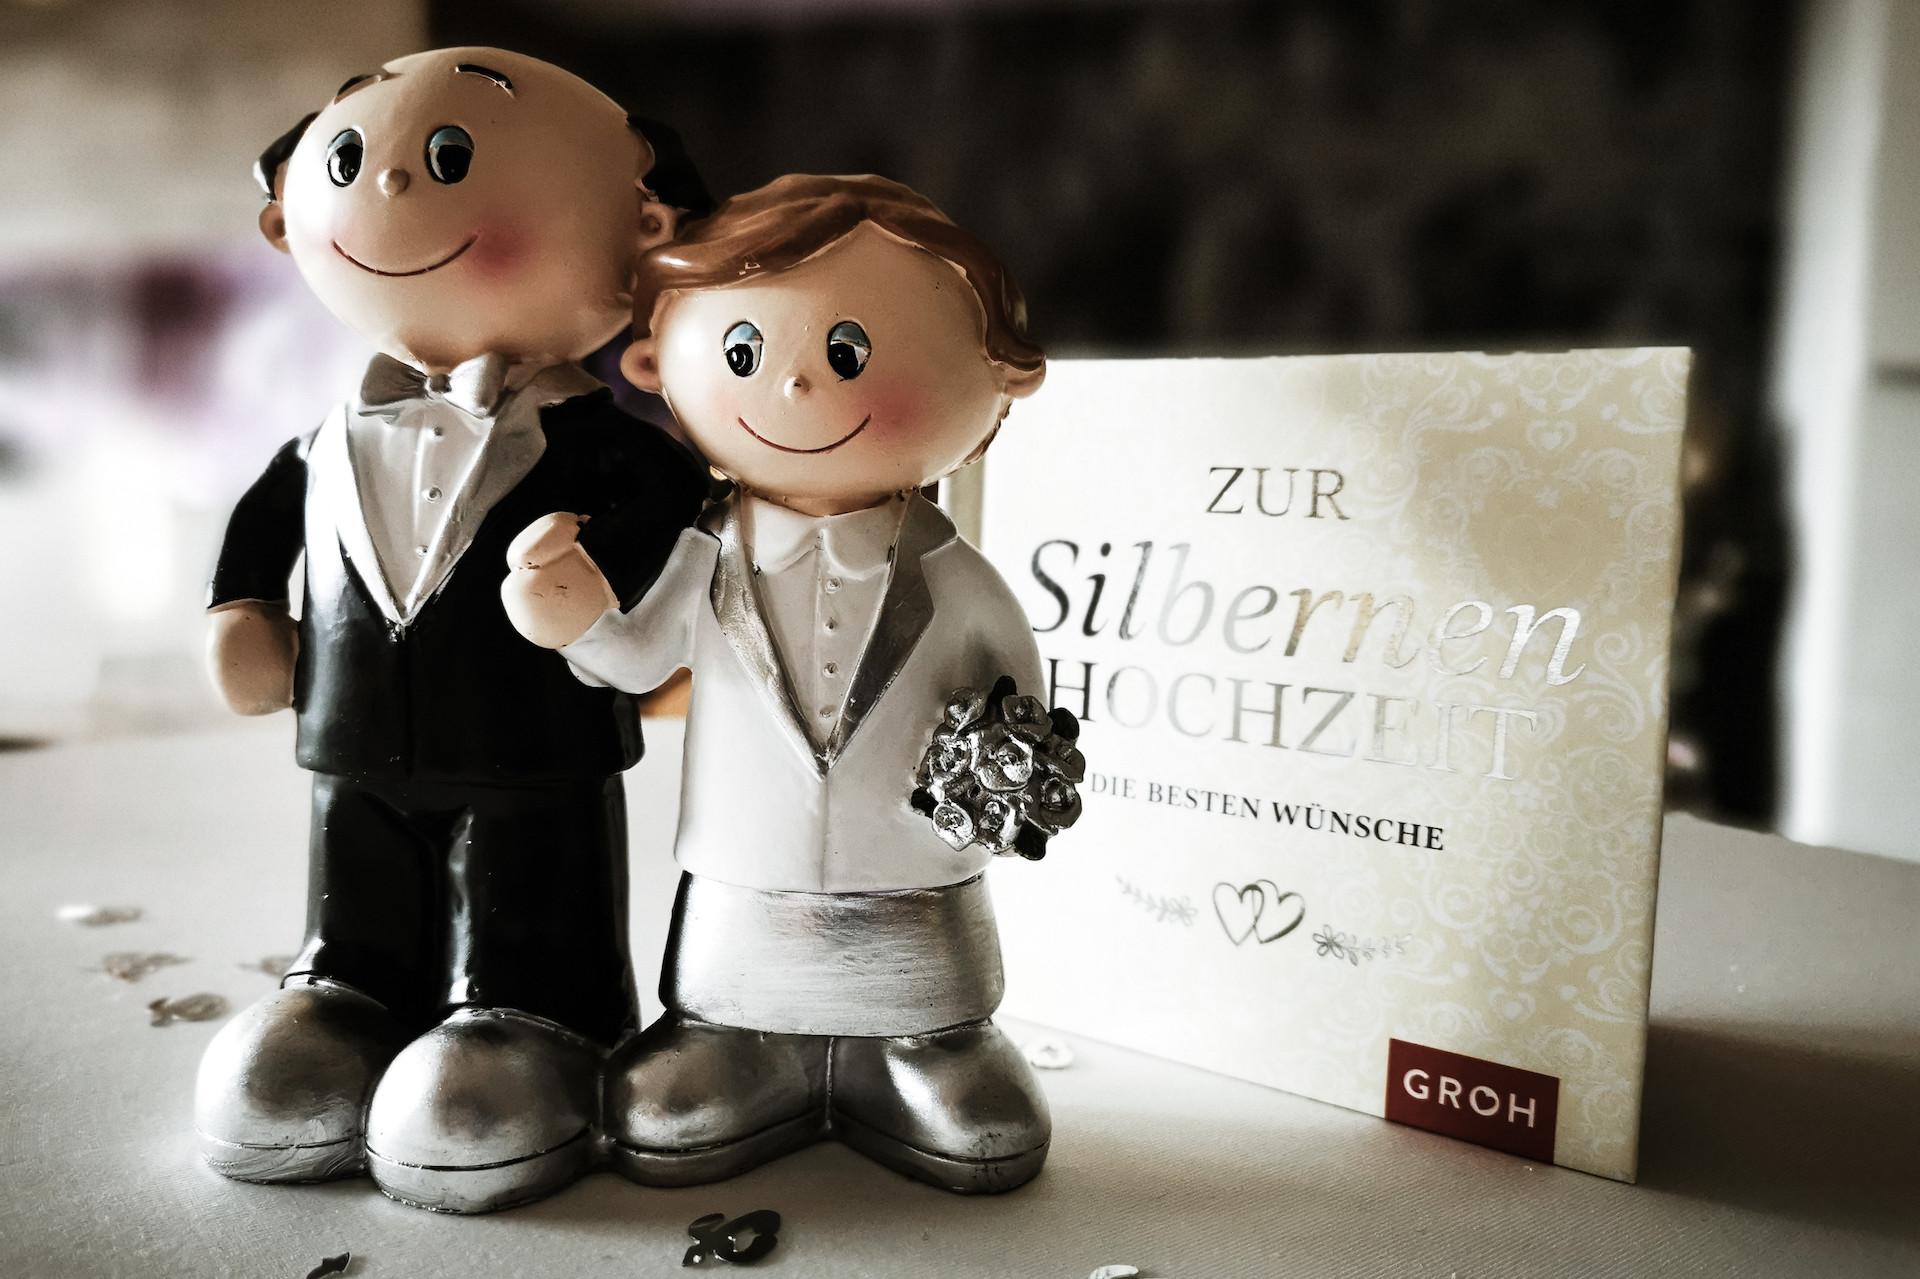 25.Hochzeitstag Silberhochzeit